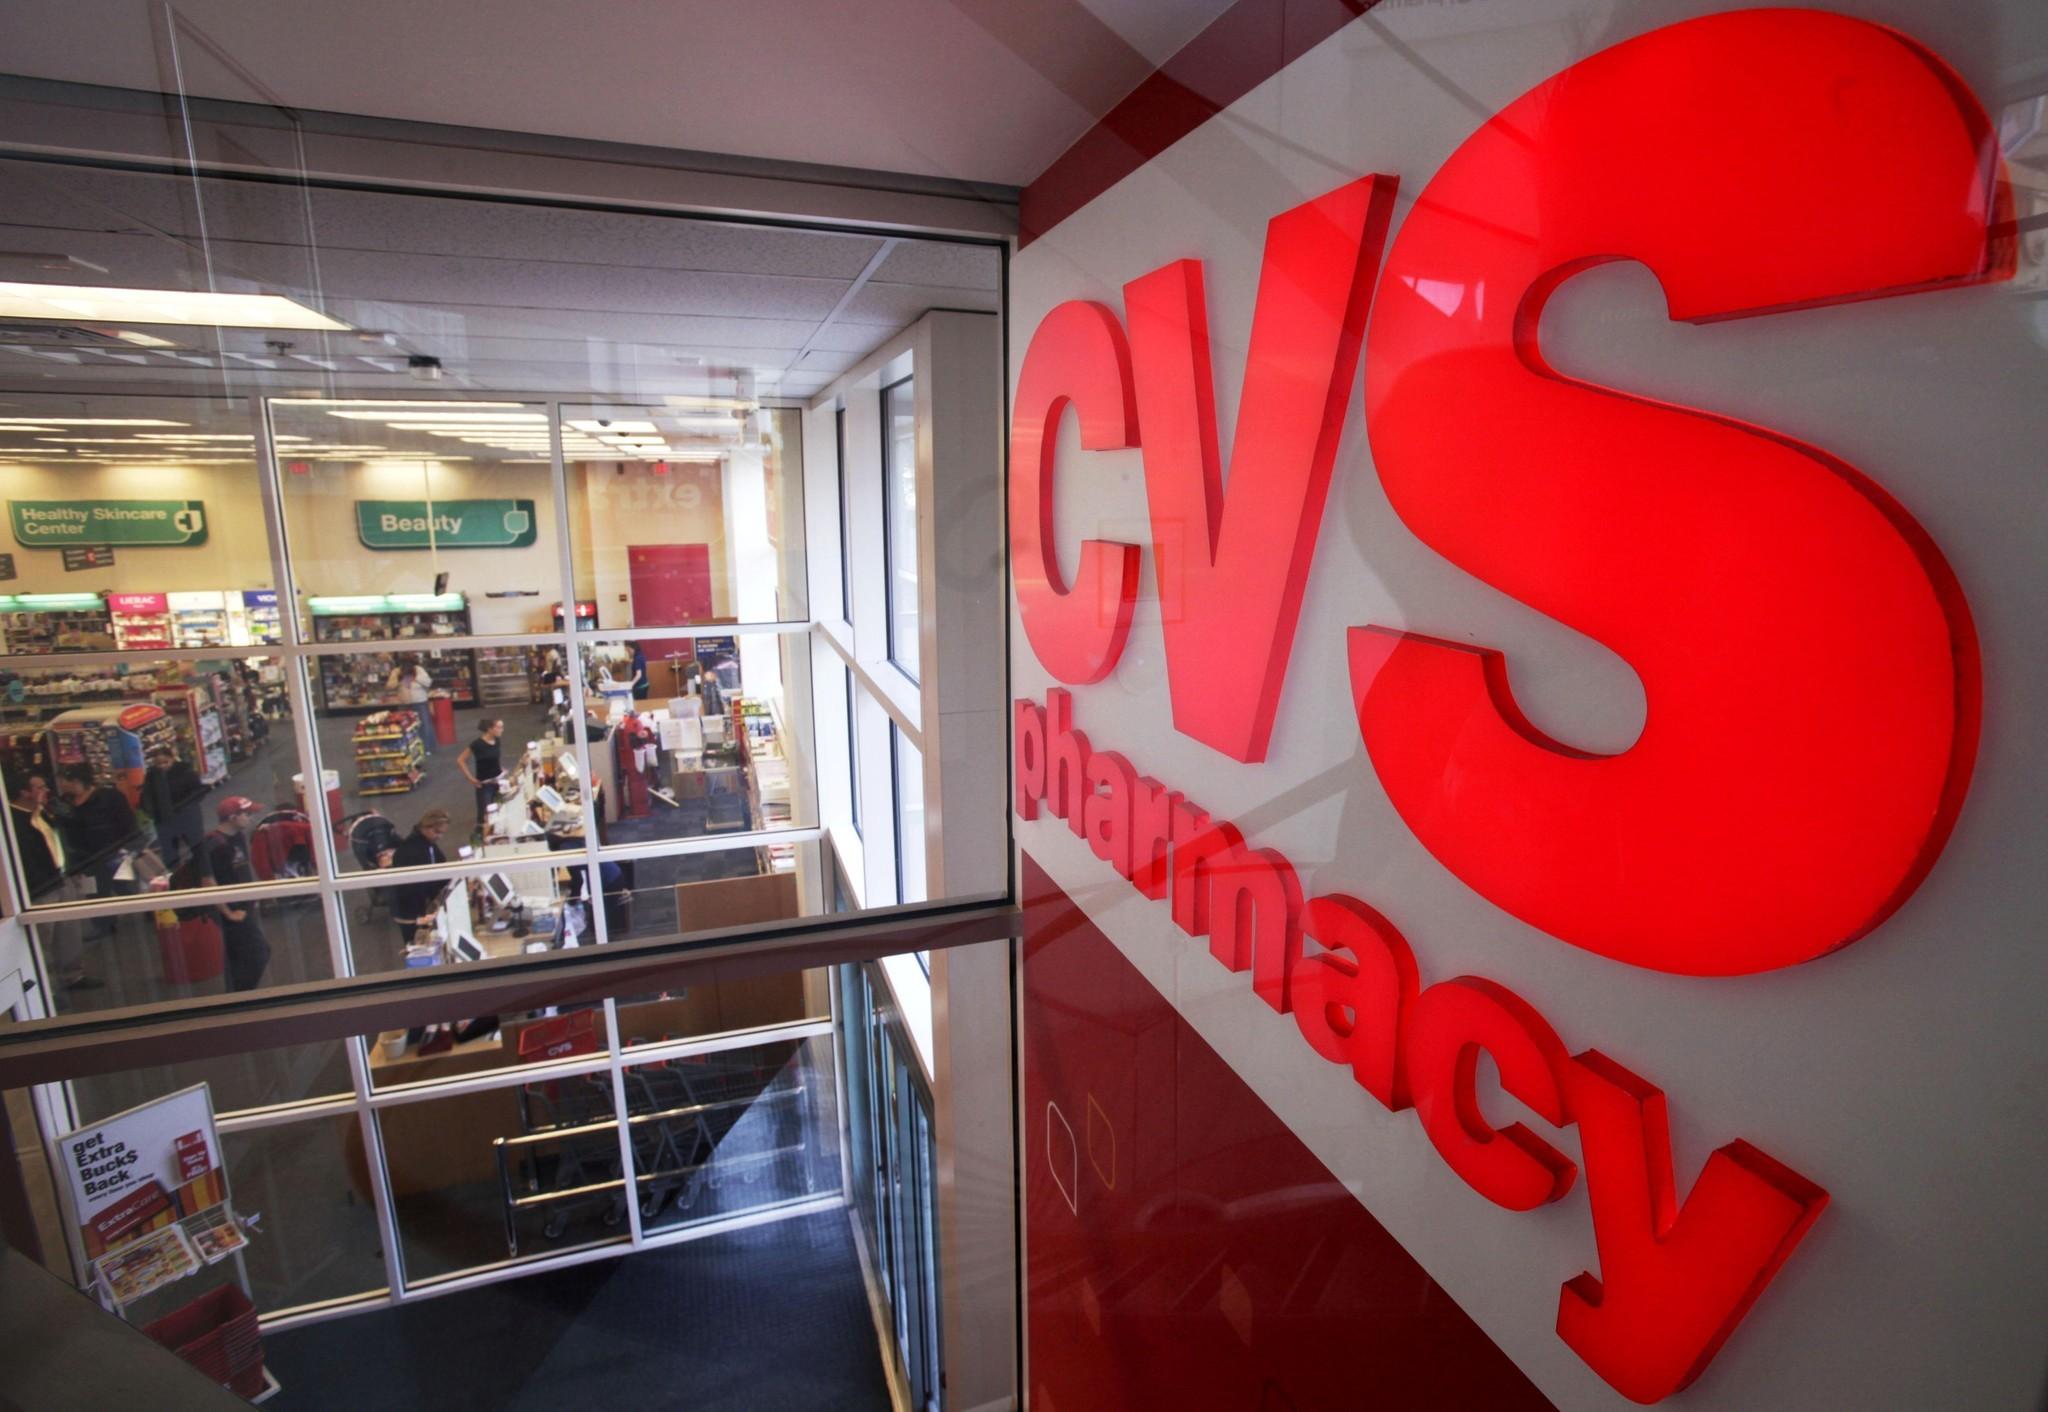 anthem  cvs team up for prescription drug service after troubled express scripts deal